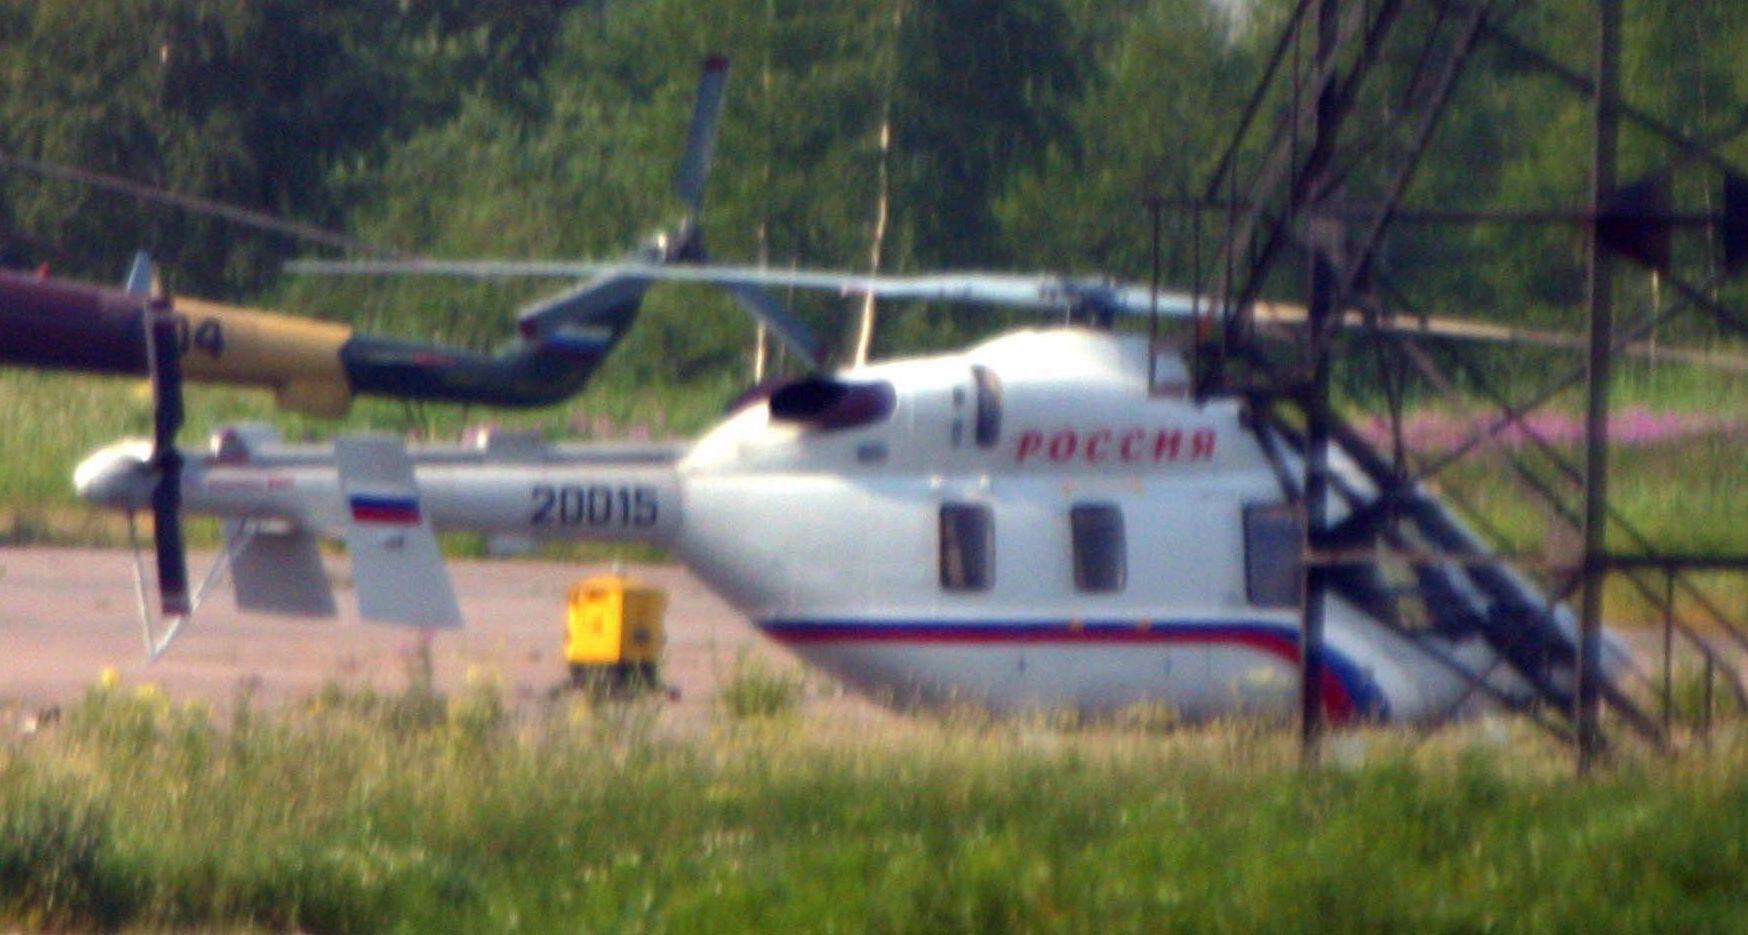 Ansat 20015 (LED 08jul06).jpg